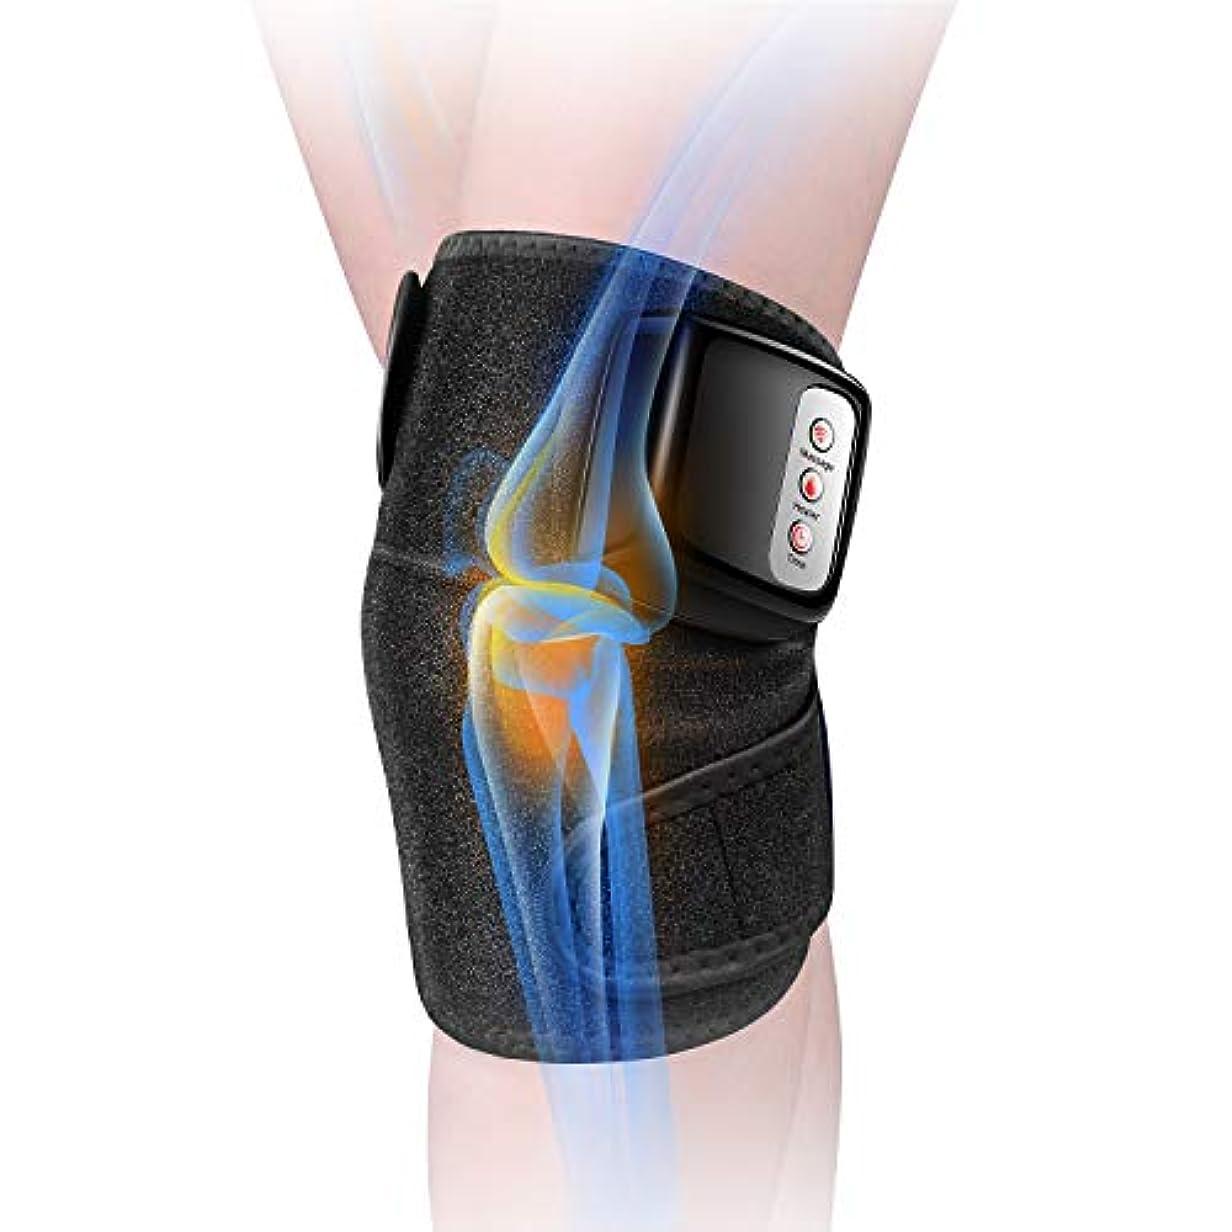 やりすぎと組む対応膝マッサージャー 関節マッサージャー マッサージ器 フットマッサージャー 振動 赤外線療法 温熱療法 膝サポーター ストレス解消 肩 太もも/腕対応